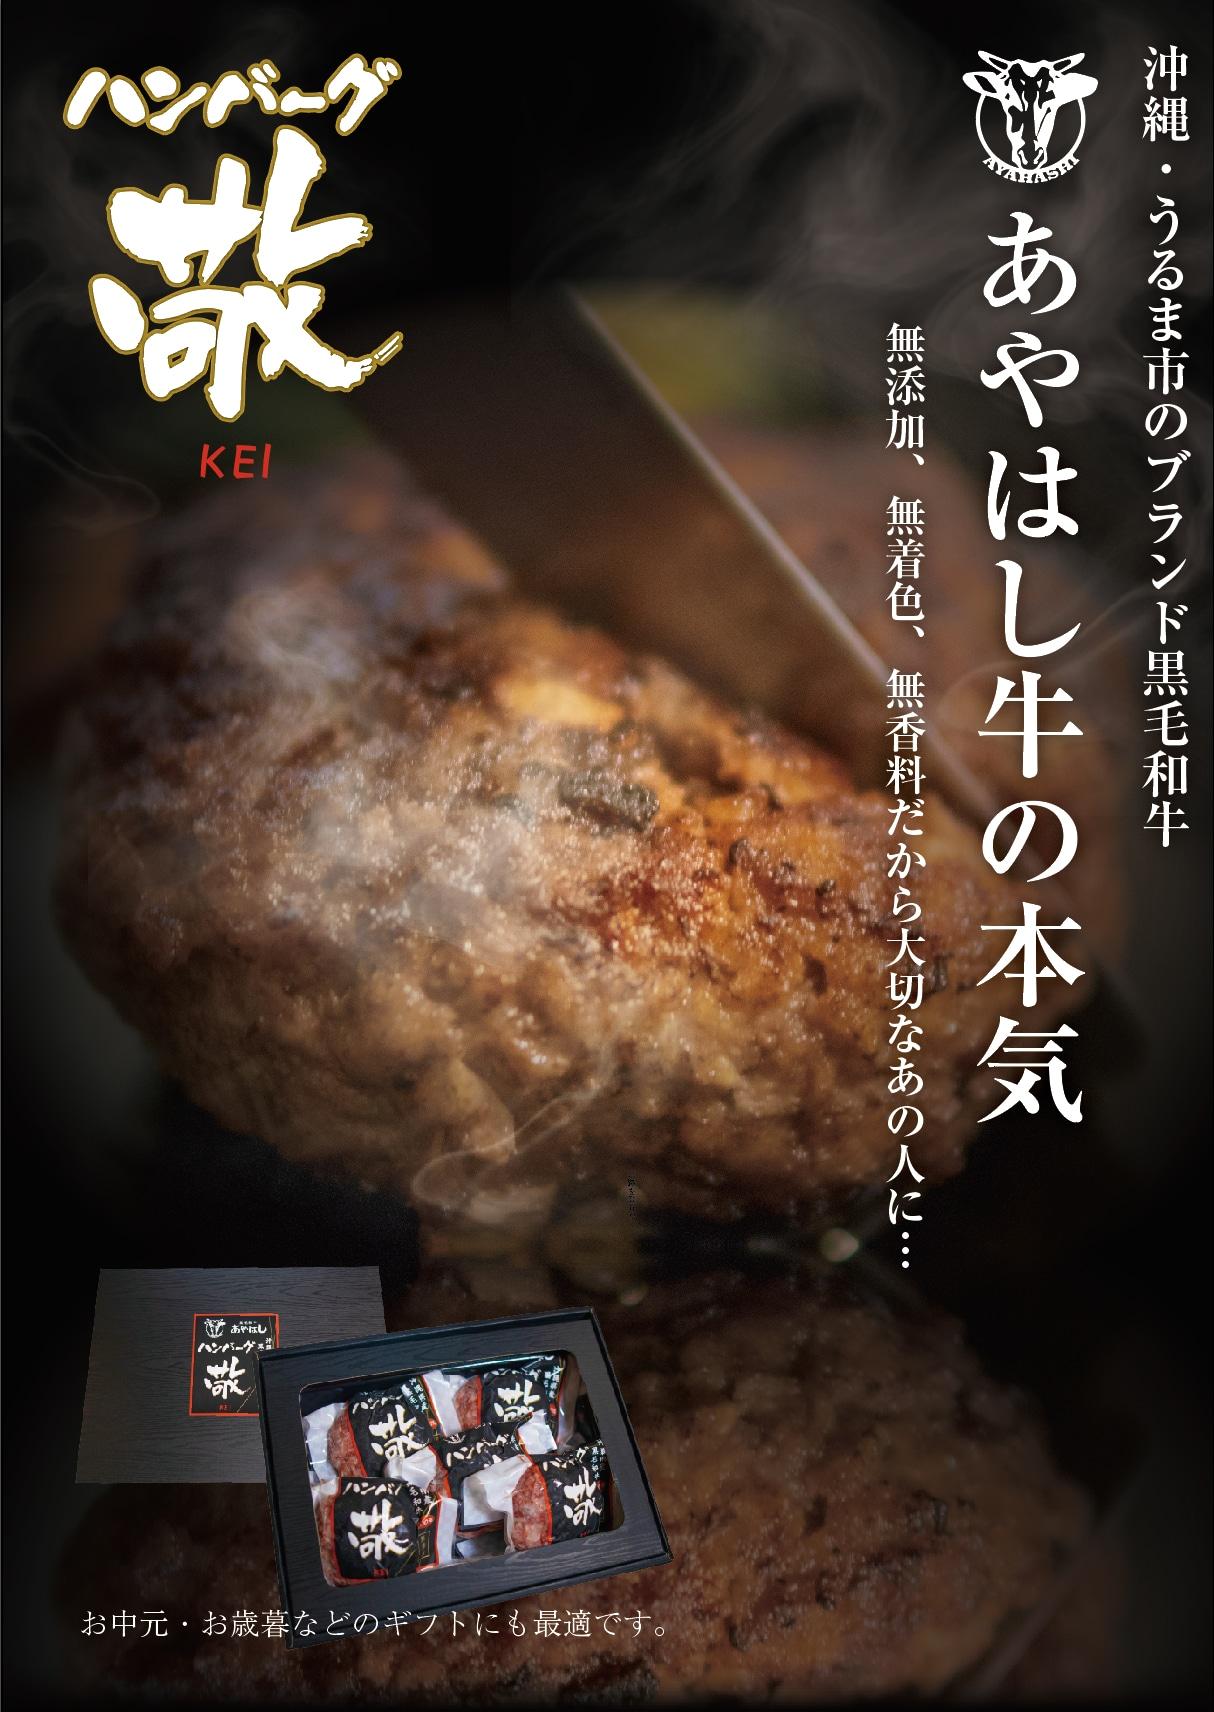 沖縄県産黒毛和牛のブランド牛【あやはし牛】を飼育から精肉販売まで行っております。 【あやはし牛】とは、経産牛と呼ばれる、出産をしたお母さん牛を再肥育し、餌や体調管理にこだわりしっかりと時間をかけて育てていきます。こだわって再肥育した【あやはし牛】はすることでお肉の旨味が増します。 そんな沖縄県産牛【あやはし牛】の精肉や無添加・無着色・無香料の【ハンバーグ敬】などを販売しております。 ぜひご賞味ください。|沖縄県産黒毛和牛|あやはし牛|経産牛|ハンバーグ|通販|沖縄県|ステーキ|焼肉|すき焼き|肉